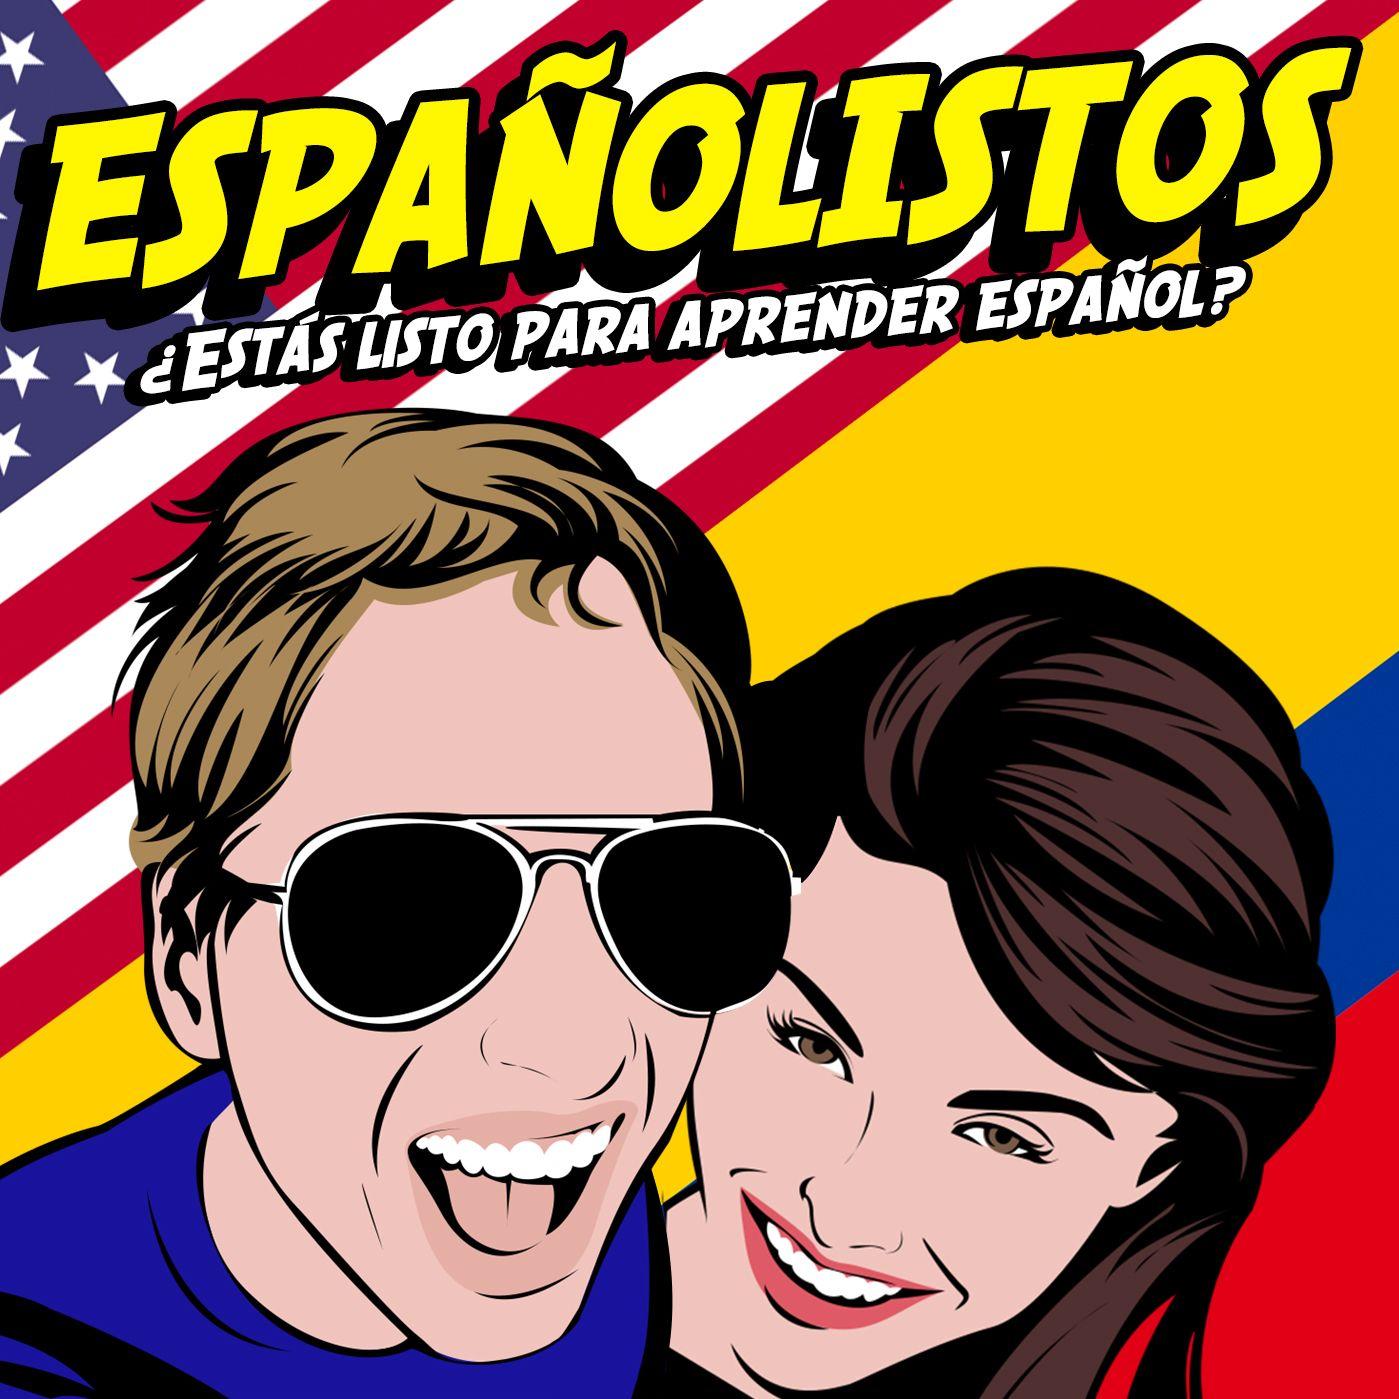 Episodio 080 - ¿Cómo Aprendí Español? | Historia de Nate